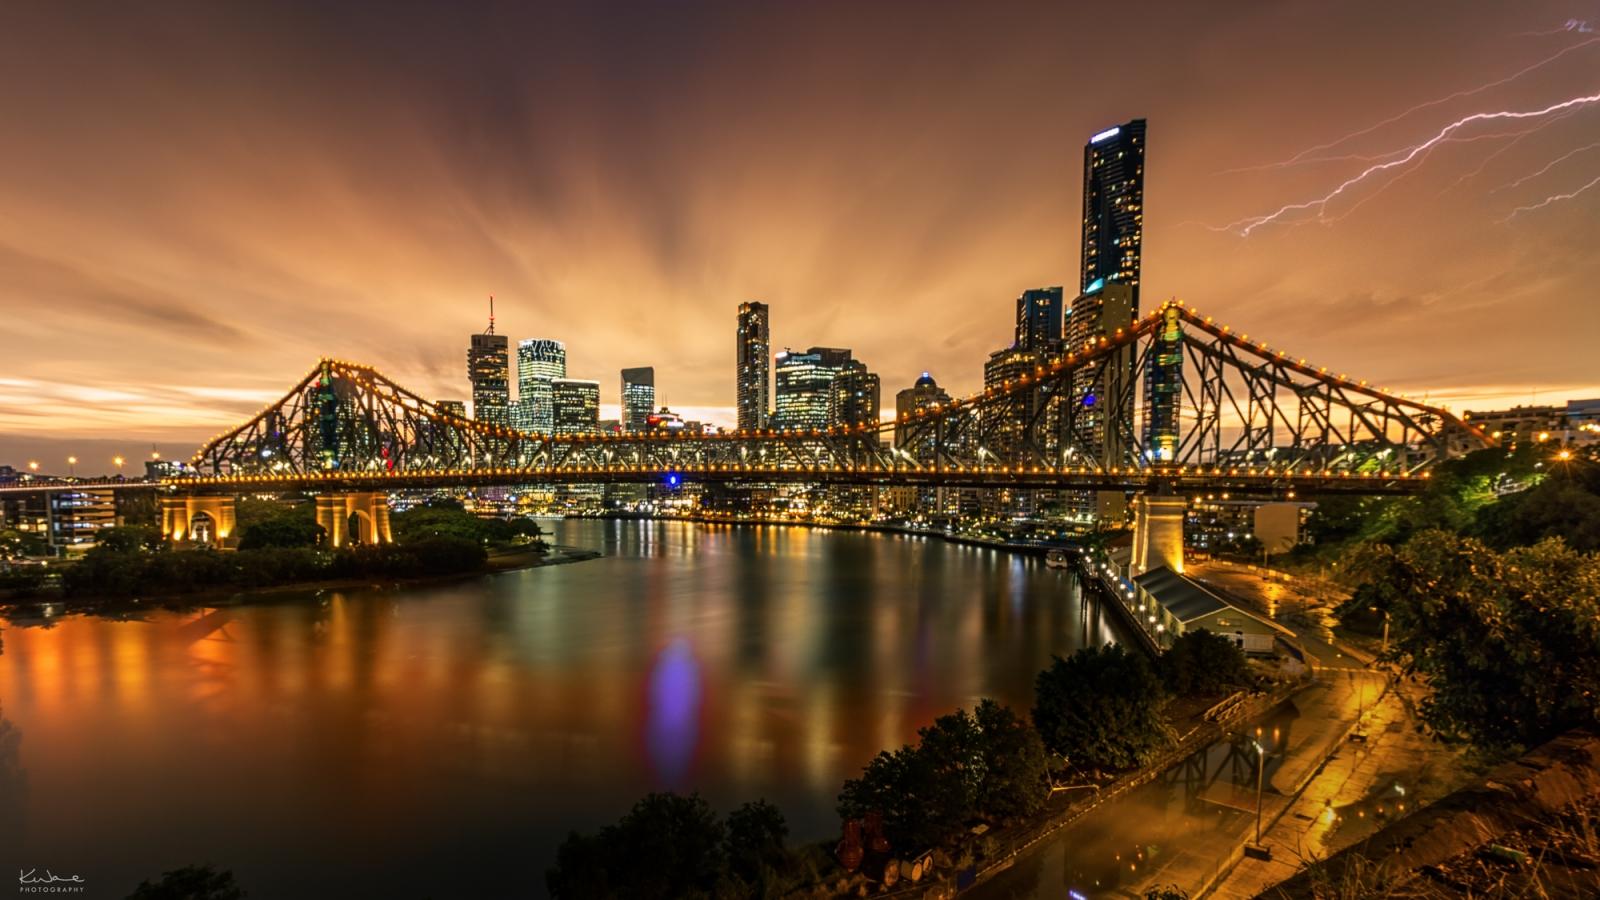 Fotografía de puentes y rayos - 1600x900